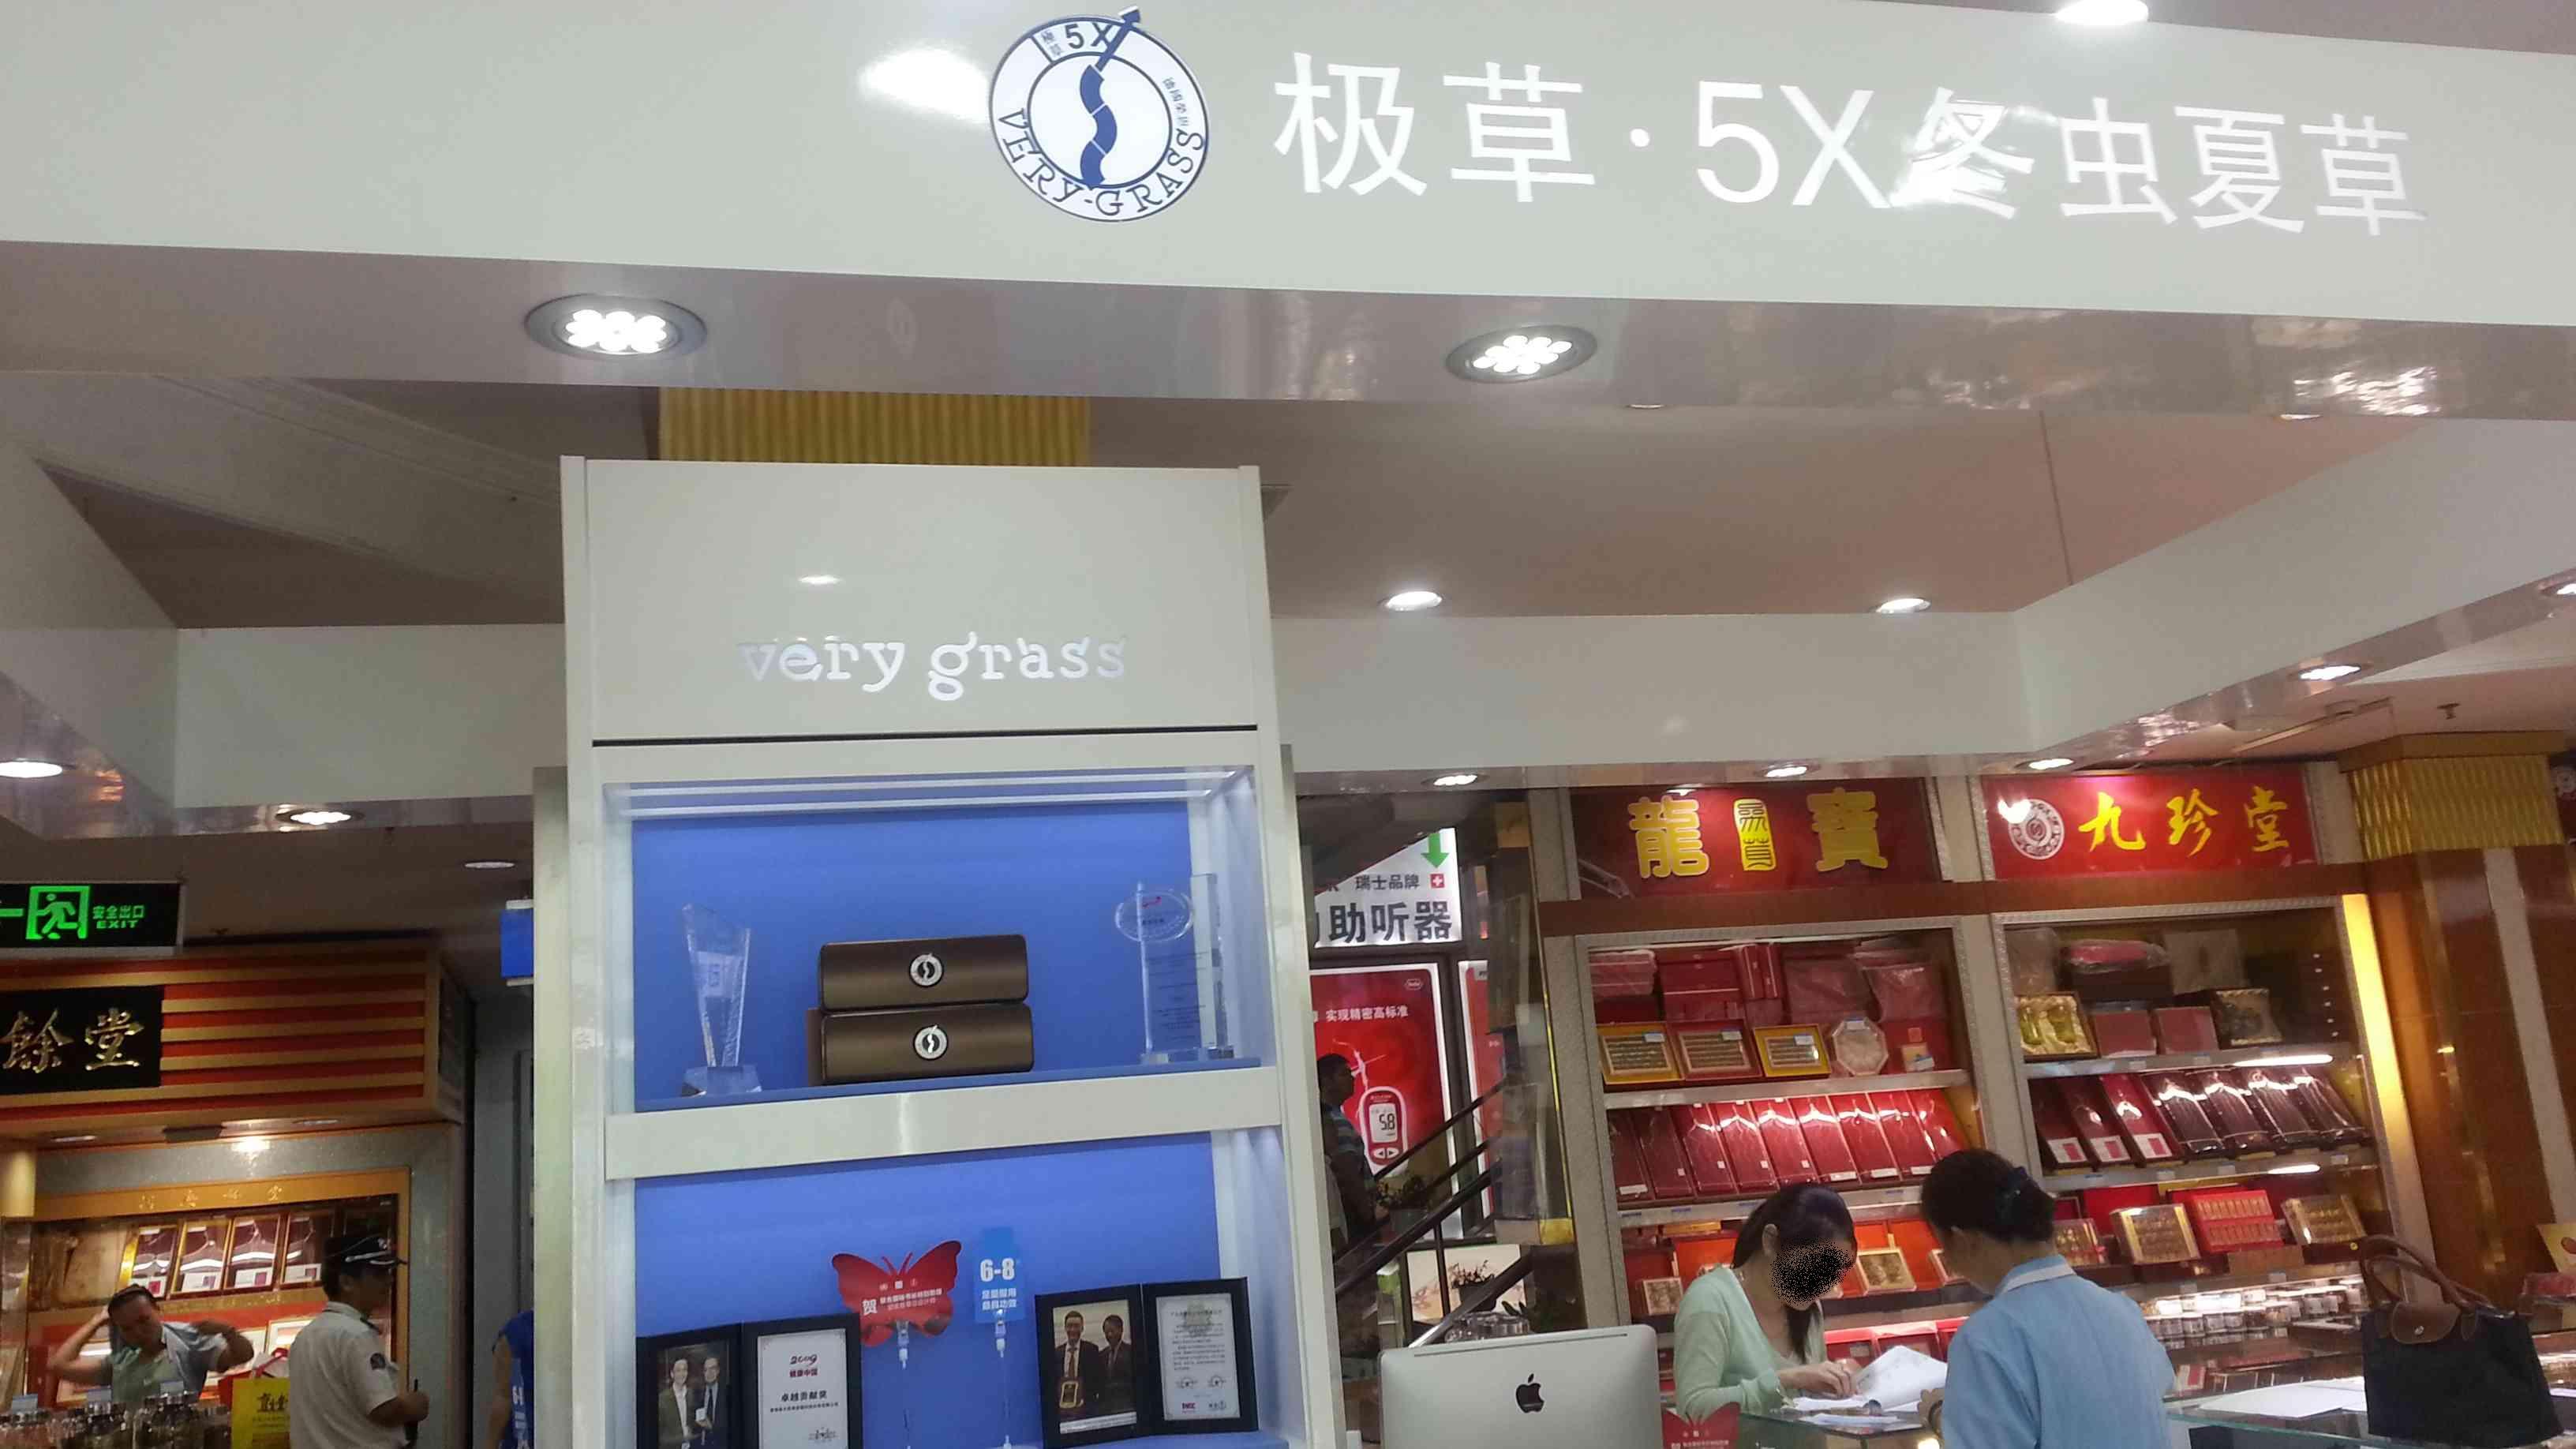 极草5x专卖店高清图片